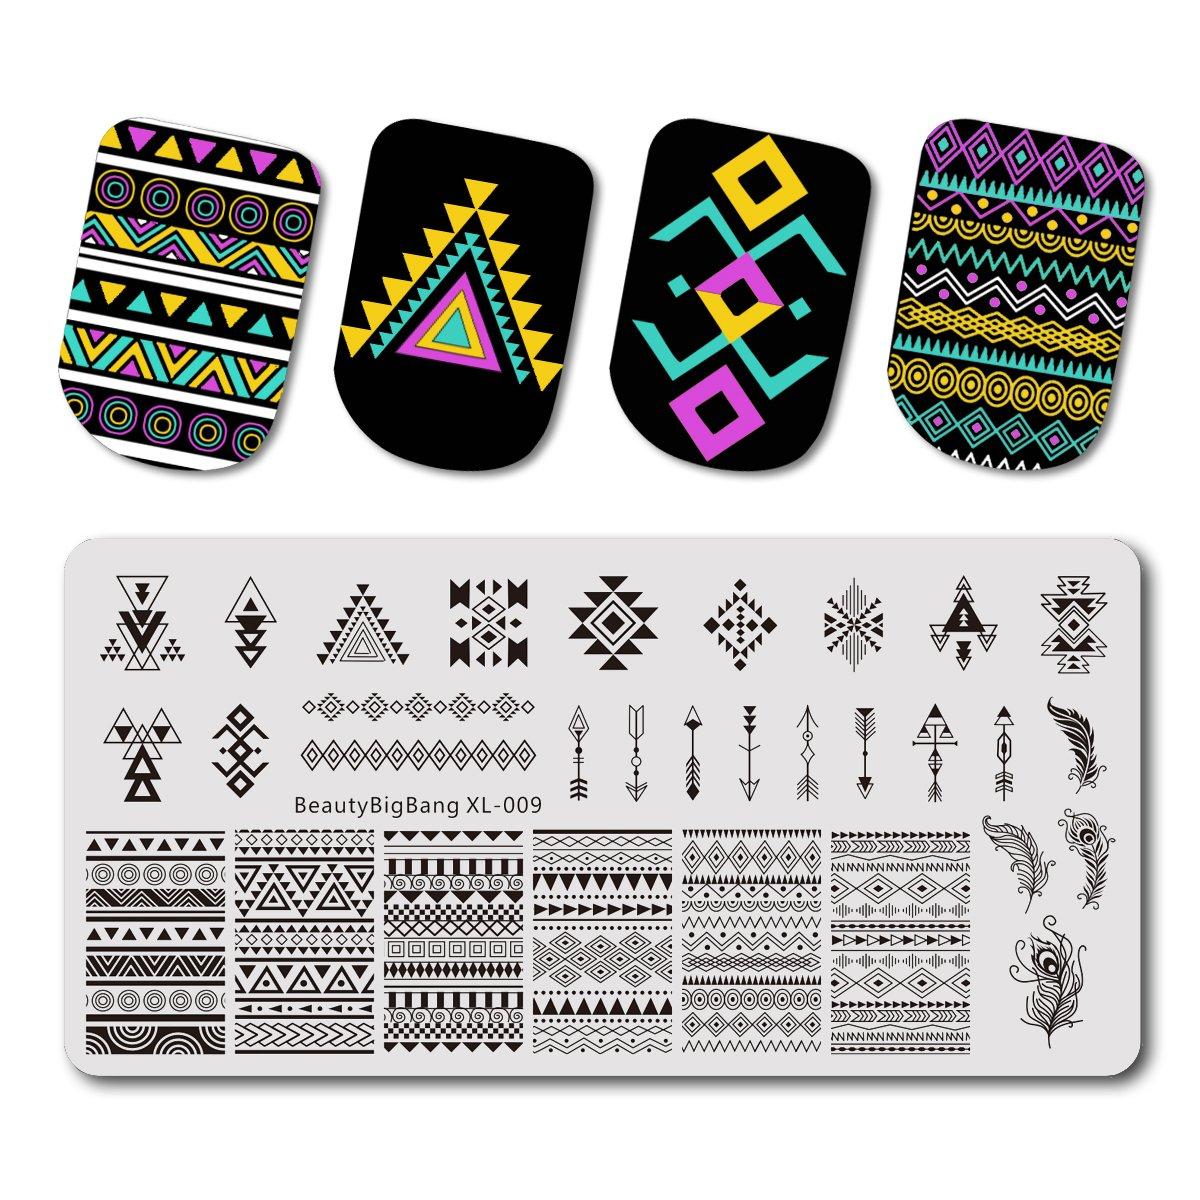 Beautybigbang Vernis à ongles stamping Image Plaques de modèles rétro Géométrie Ligne Nail Art Xl-009